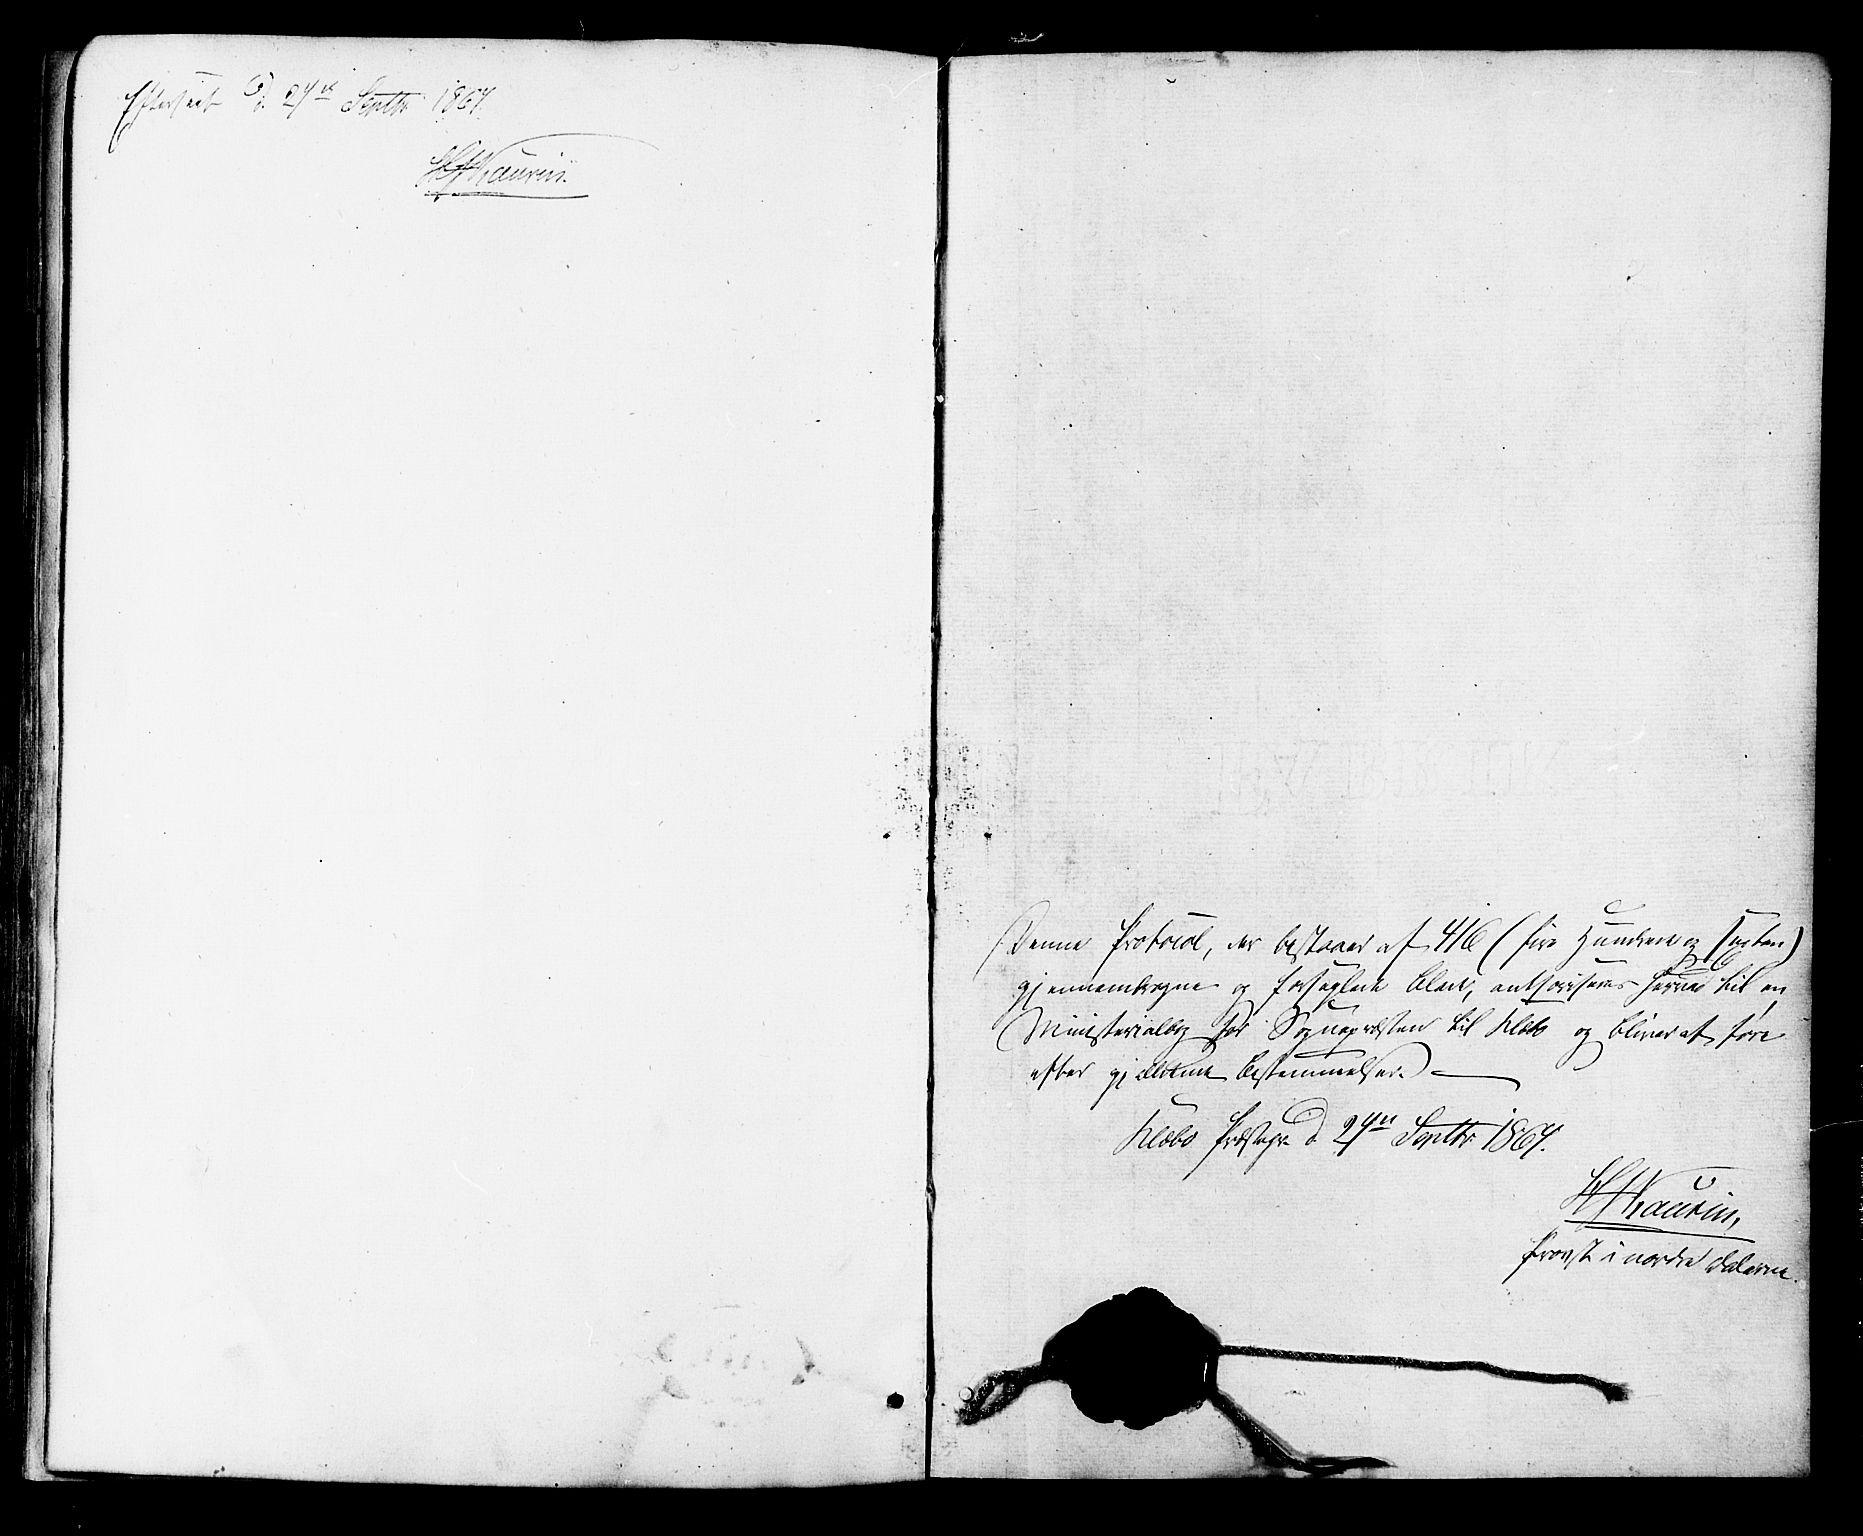 SAT, Ministerialprotokoller, klokkerbøker og fødselsregistre - Sør-Trøndelag, 618/L0443: Ministerialbok nr. 618A06 /2, 1863-1879